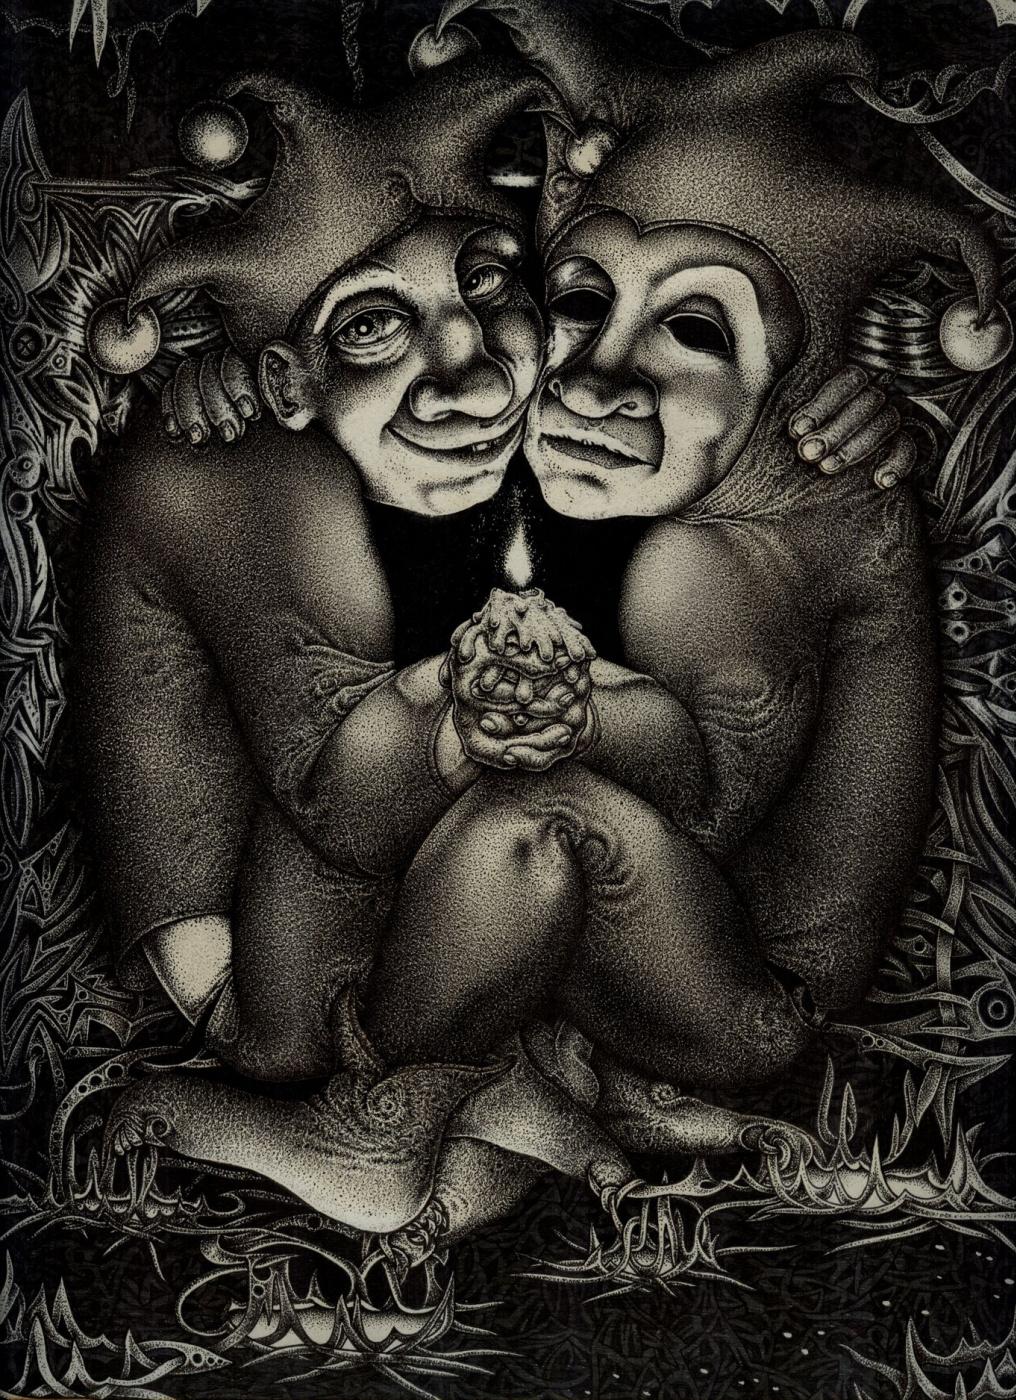 Андрей Бурлак. Twins